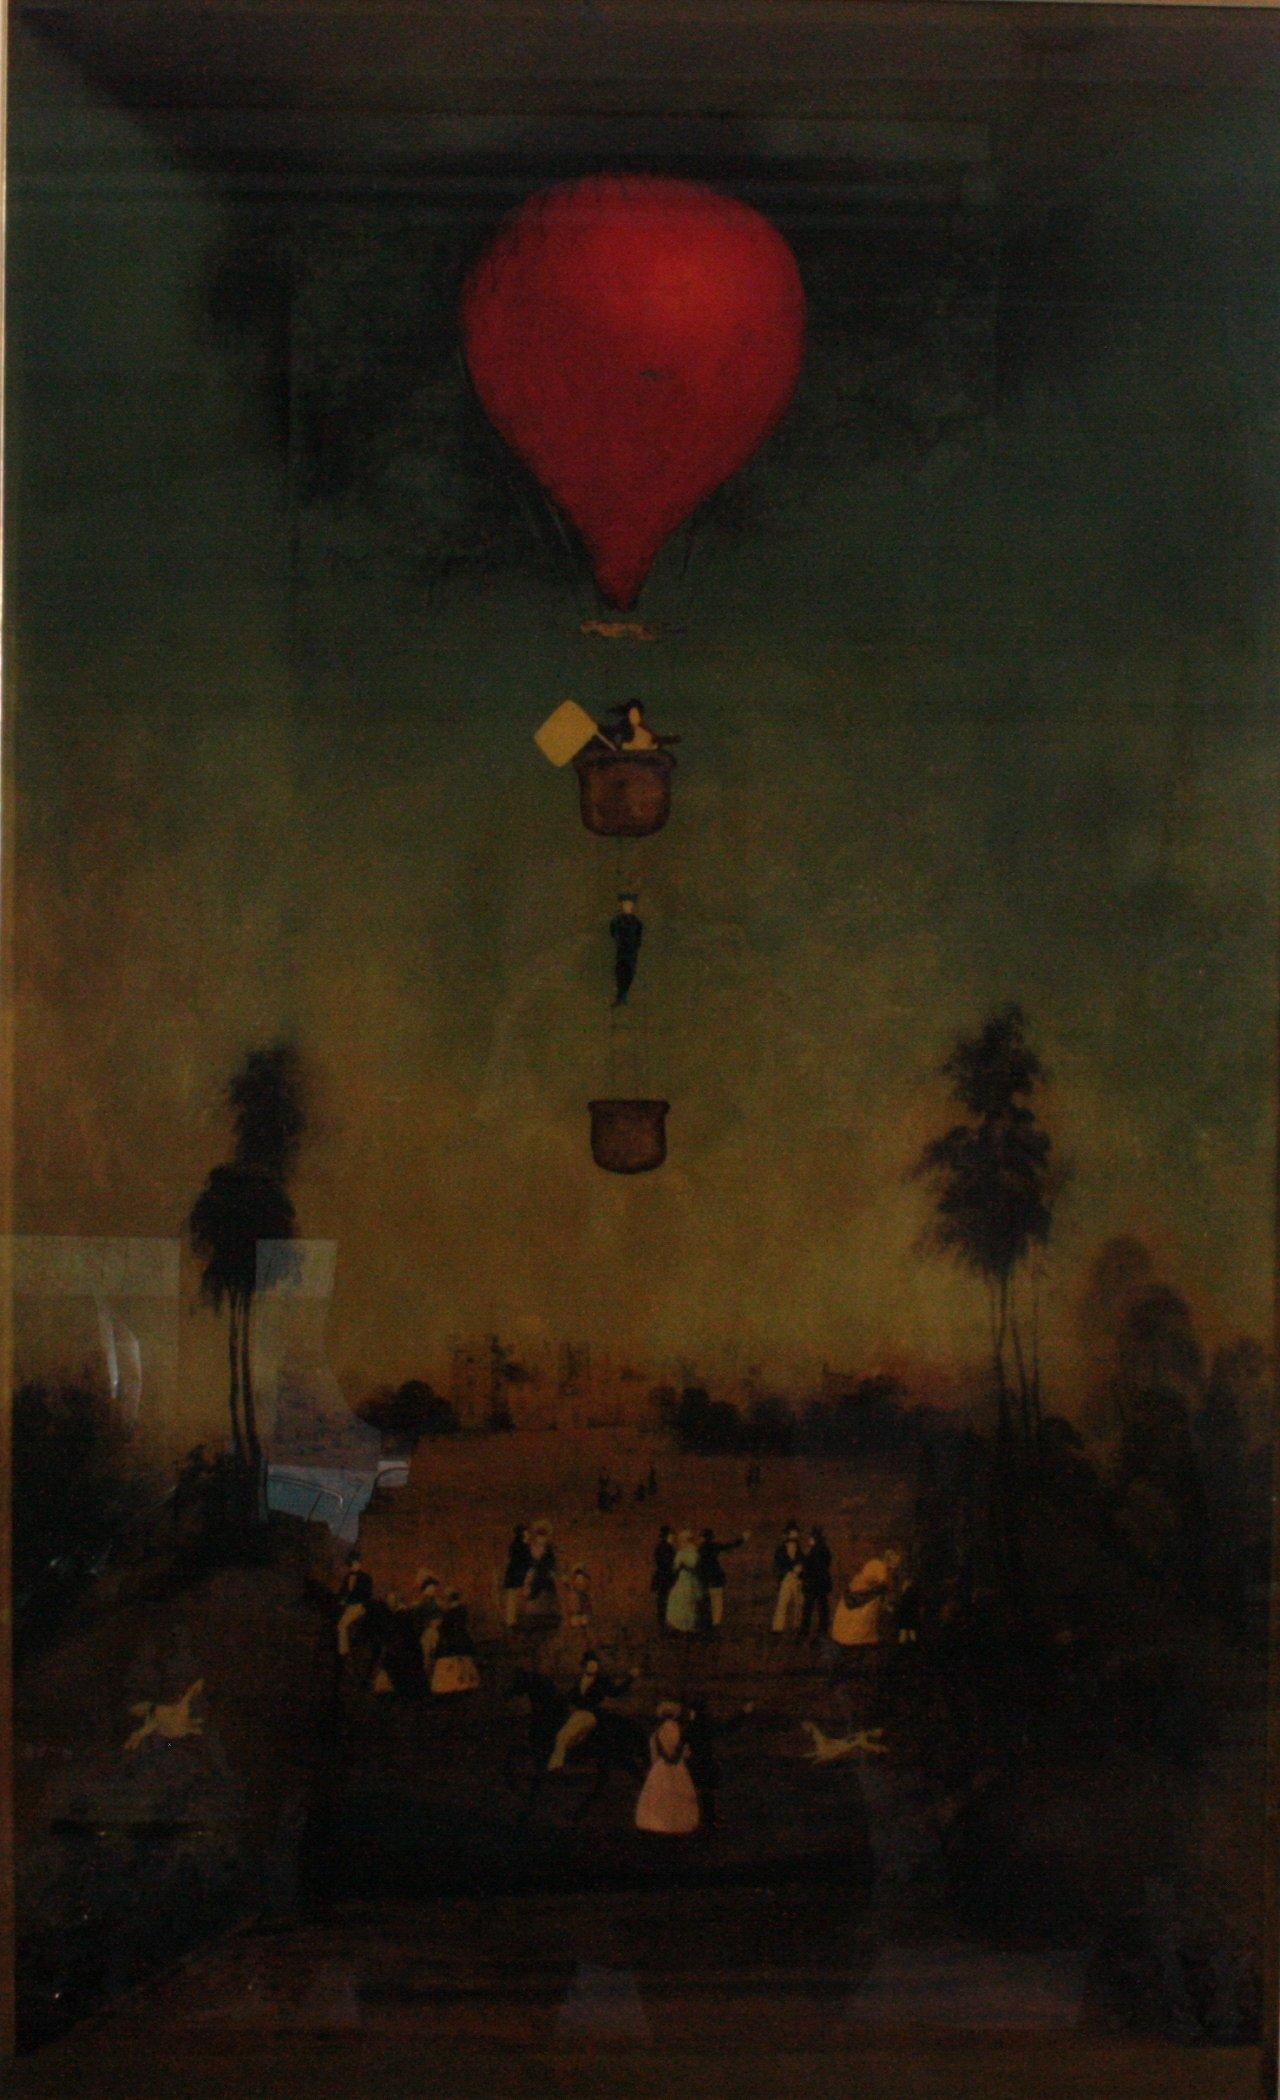 Hinterglasmalerei. Der Rote Ballon, 1970er Jahre-1